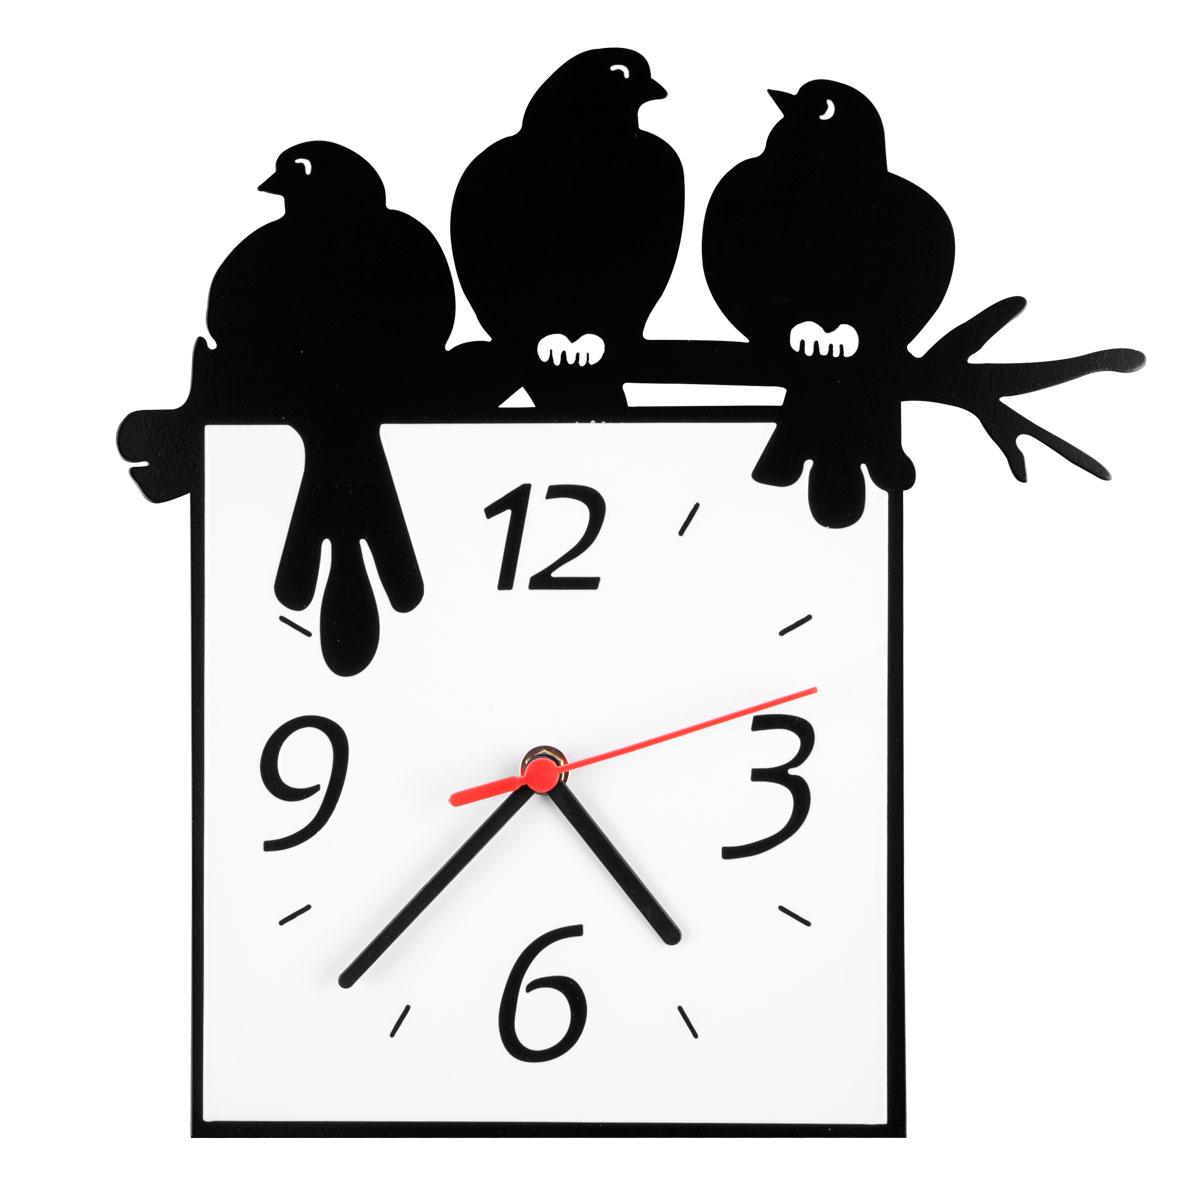 Часы настенные Miolla Птицы на ветке94672Оригинальные настенные часы квадратной формы выполнены из стали. Часы имеют три стрелки - часовую, минутную и секундную и циферблат с цифрами. Необычное дизайнерское решение и качество исполнения придутся по вкусу каждому. Часы работают от 1 батарейки типа АА напряжением 1,5 В.